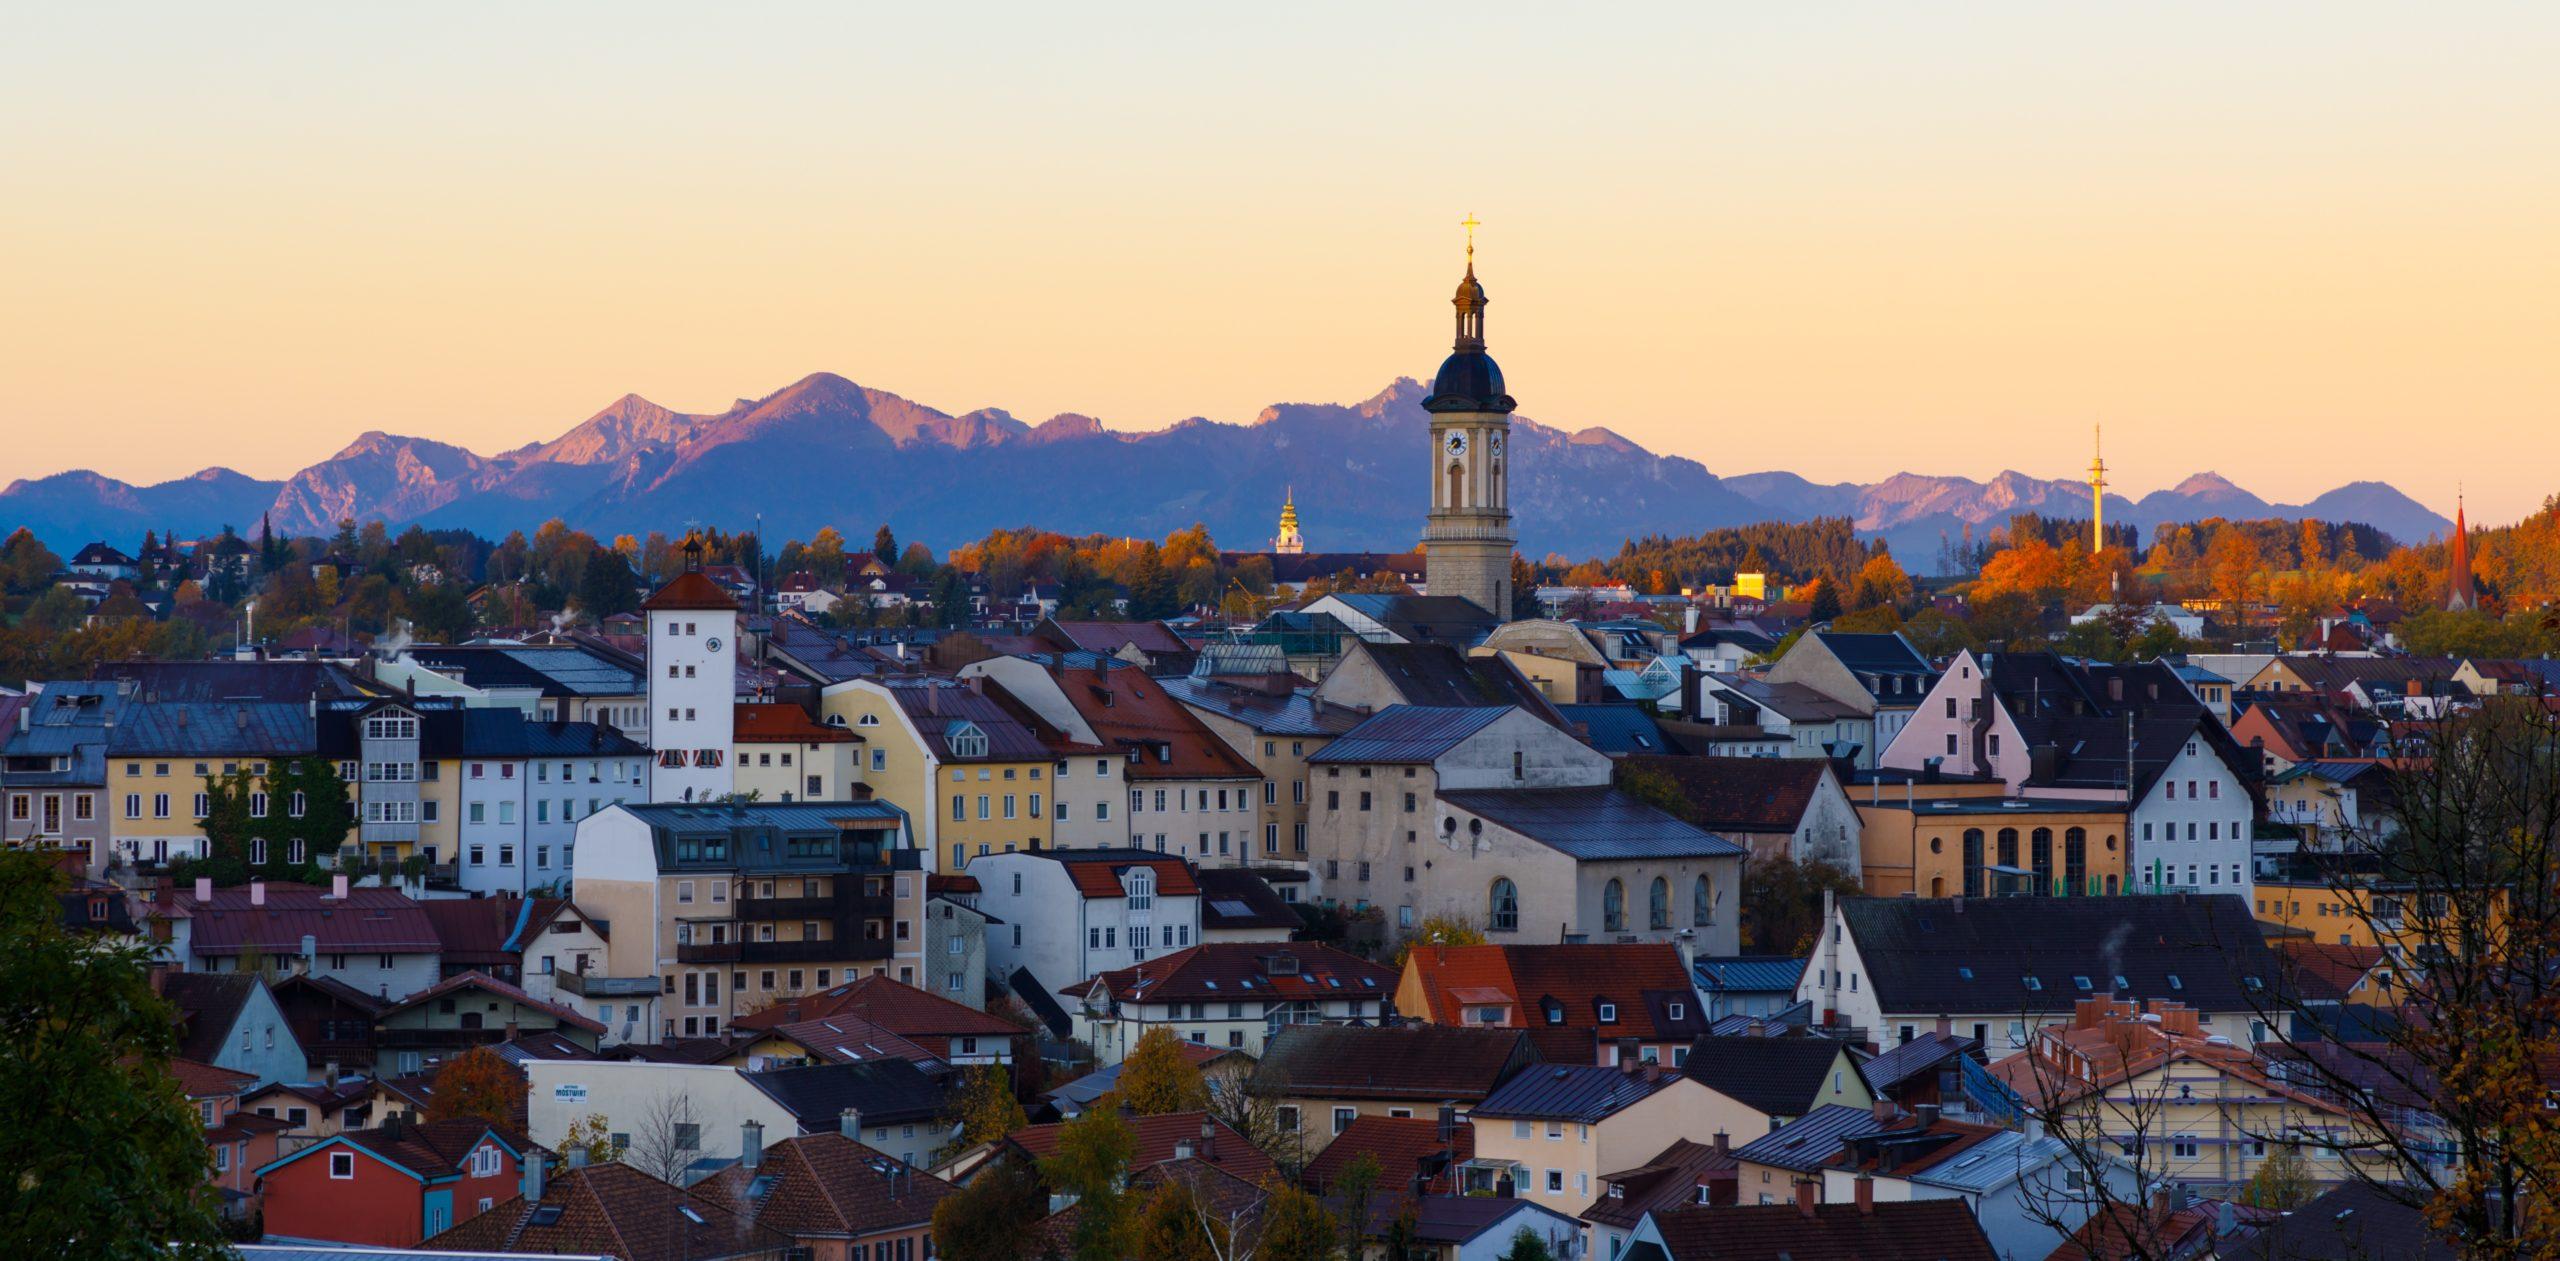 Haushaltsauflösung und Entrümpelung in Traunstein